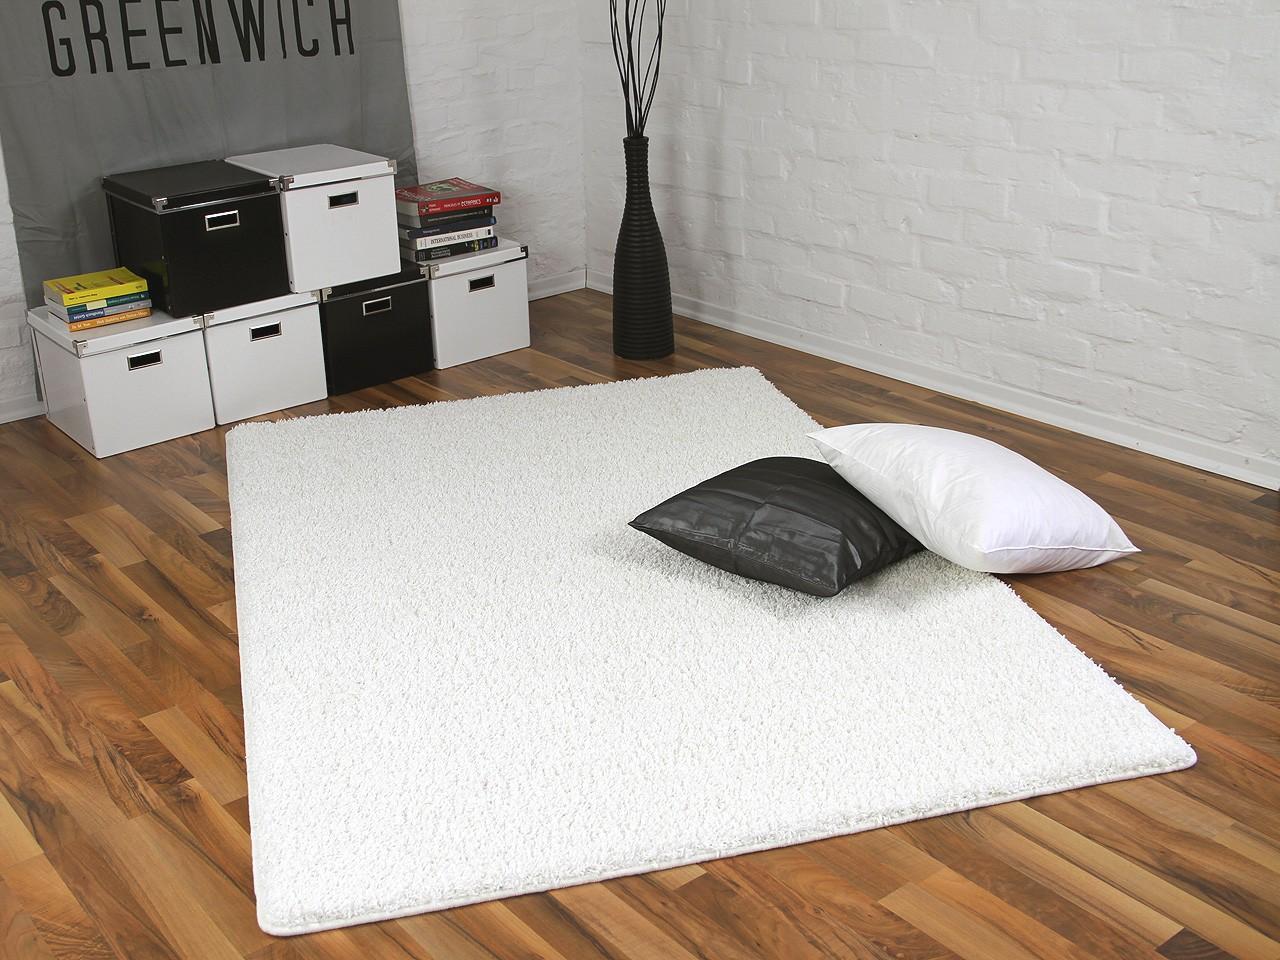 Langflor Teppiche Simple Tt Design Shaggy Teppich Hochflor Langflor Teppiche Wohnzimmer